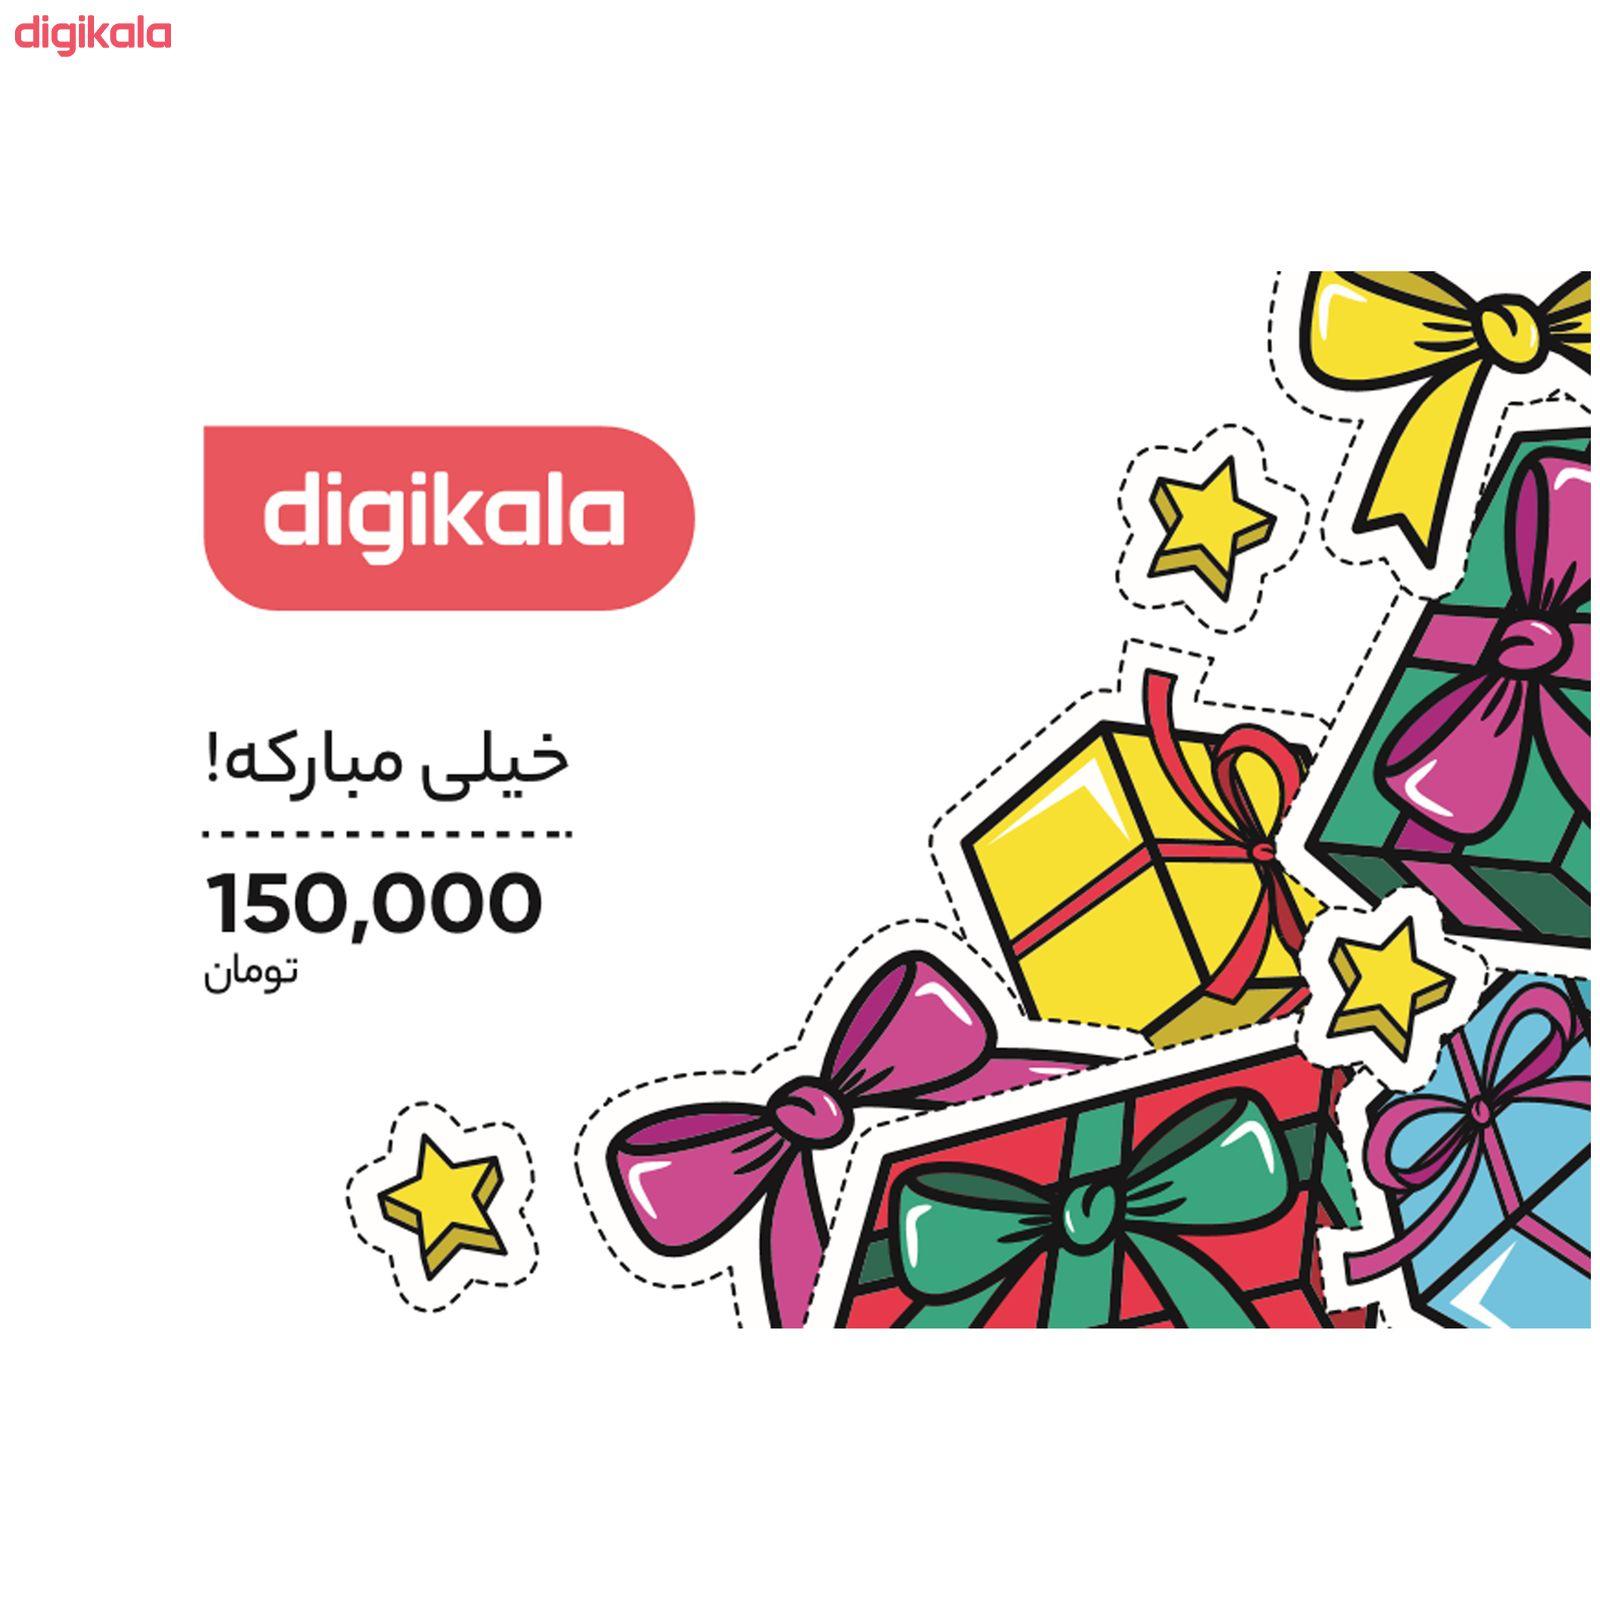 کارت هدیه دیجی کالا به ارزش 150,000 تومان طرح مبارک main 1 1